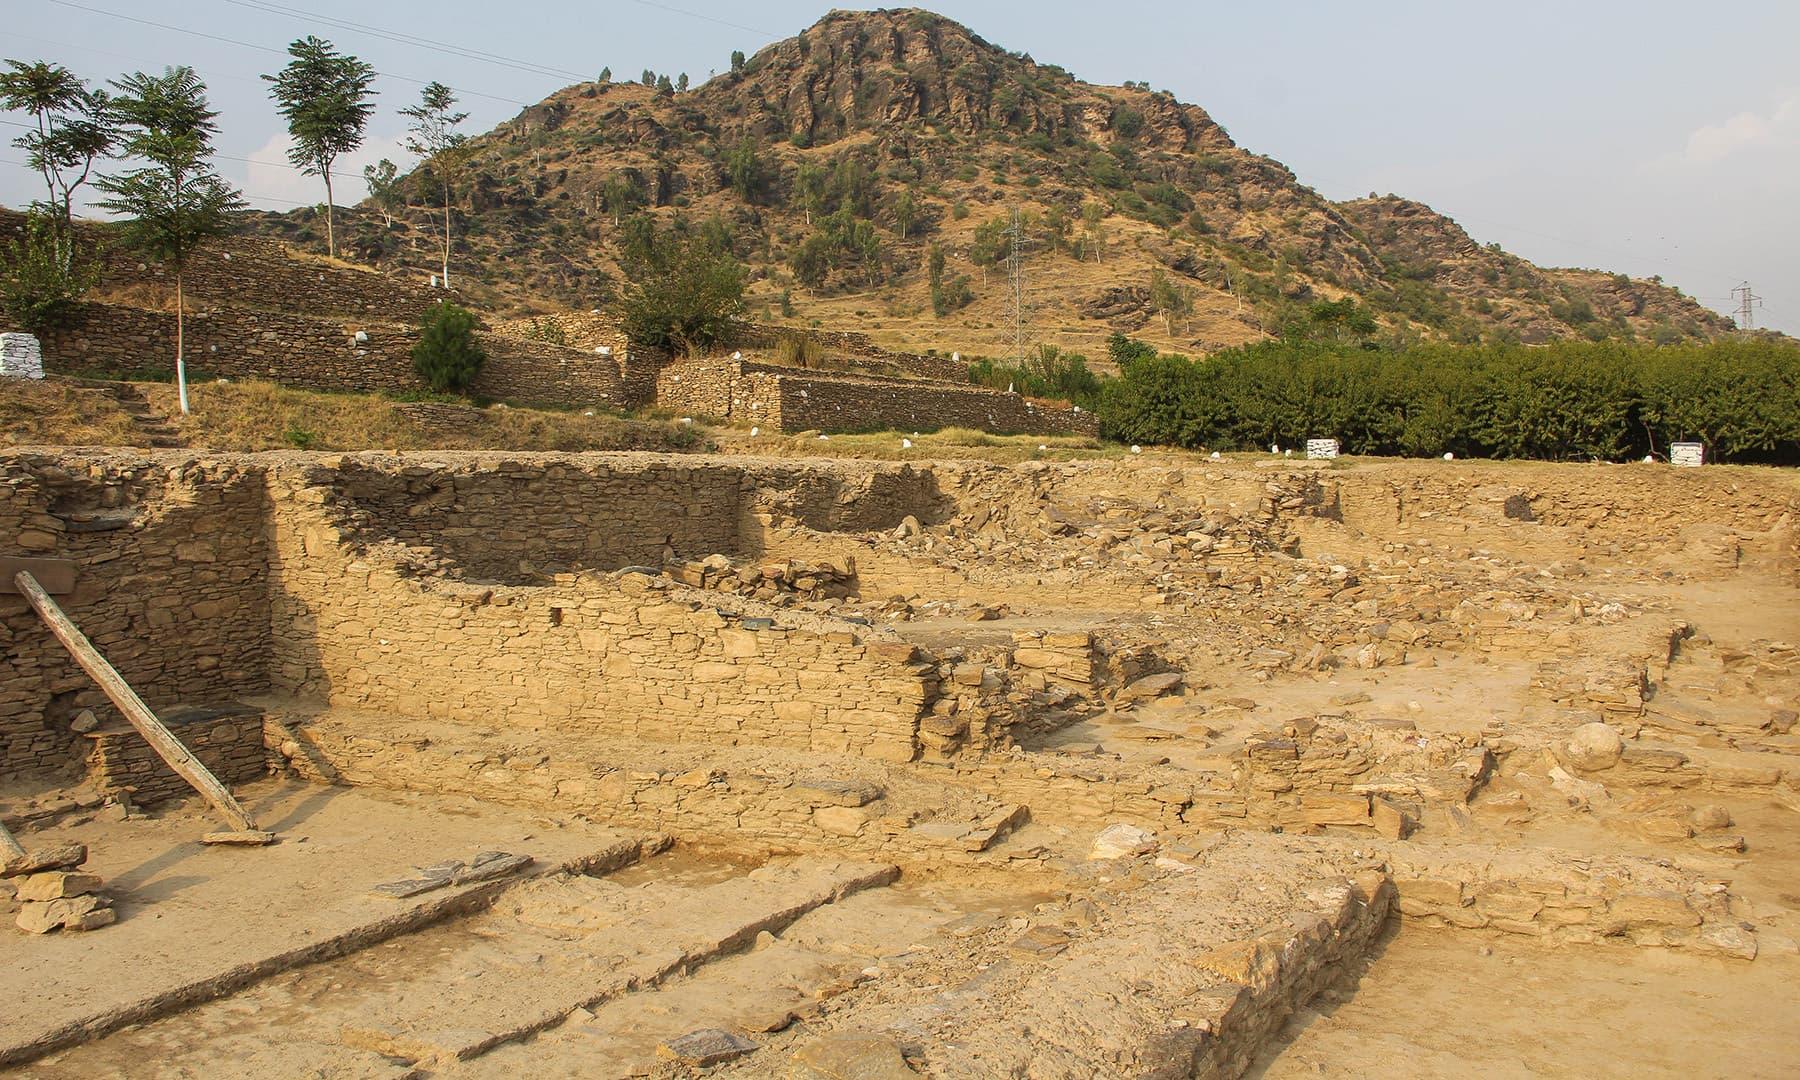 سکندر اعظم کے شہر بازیرہ کی تصویر جس کے عقب میں 'غونڈئی' نمایاں ہے